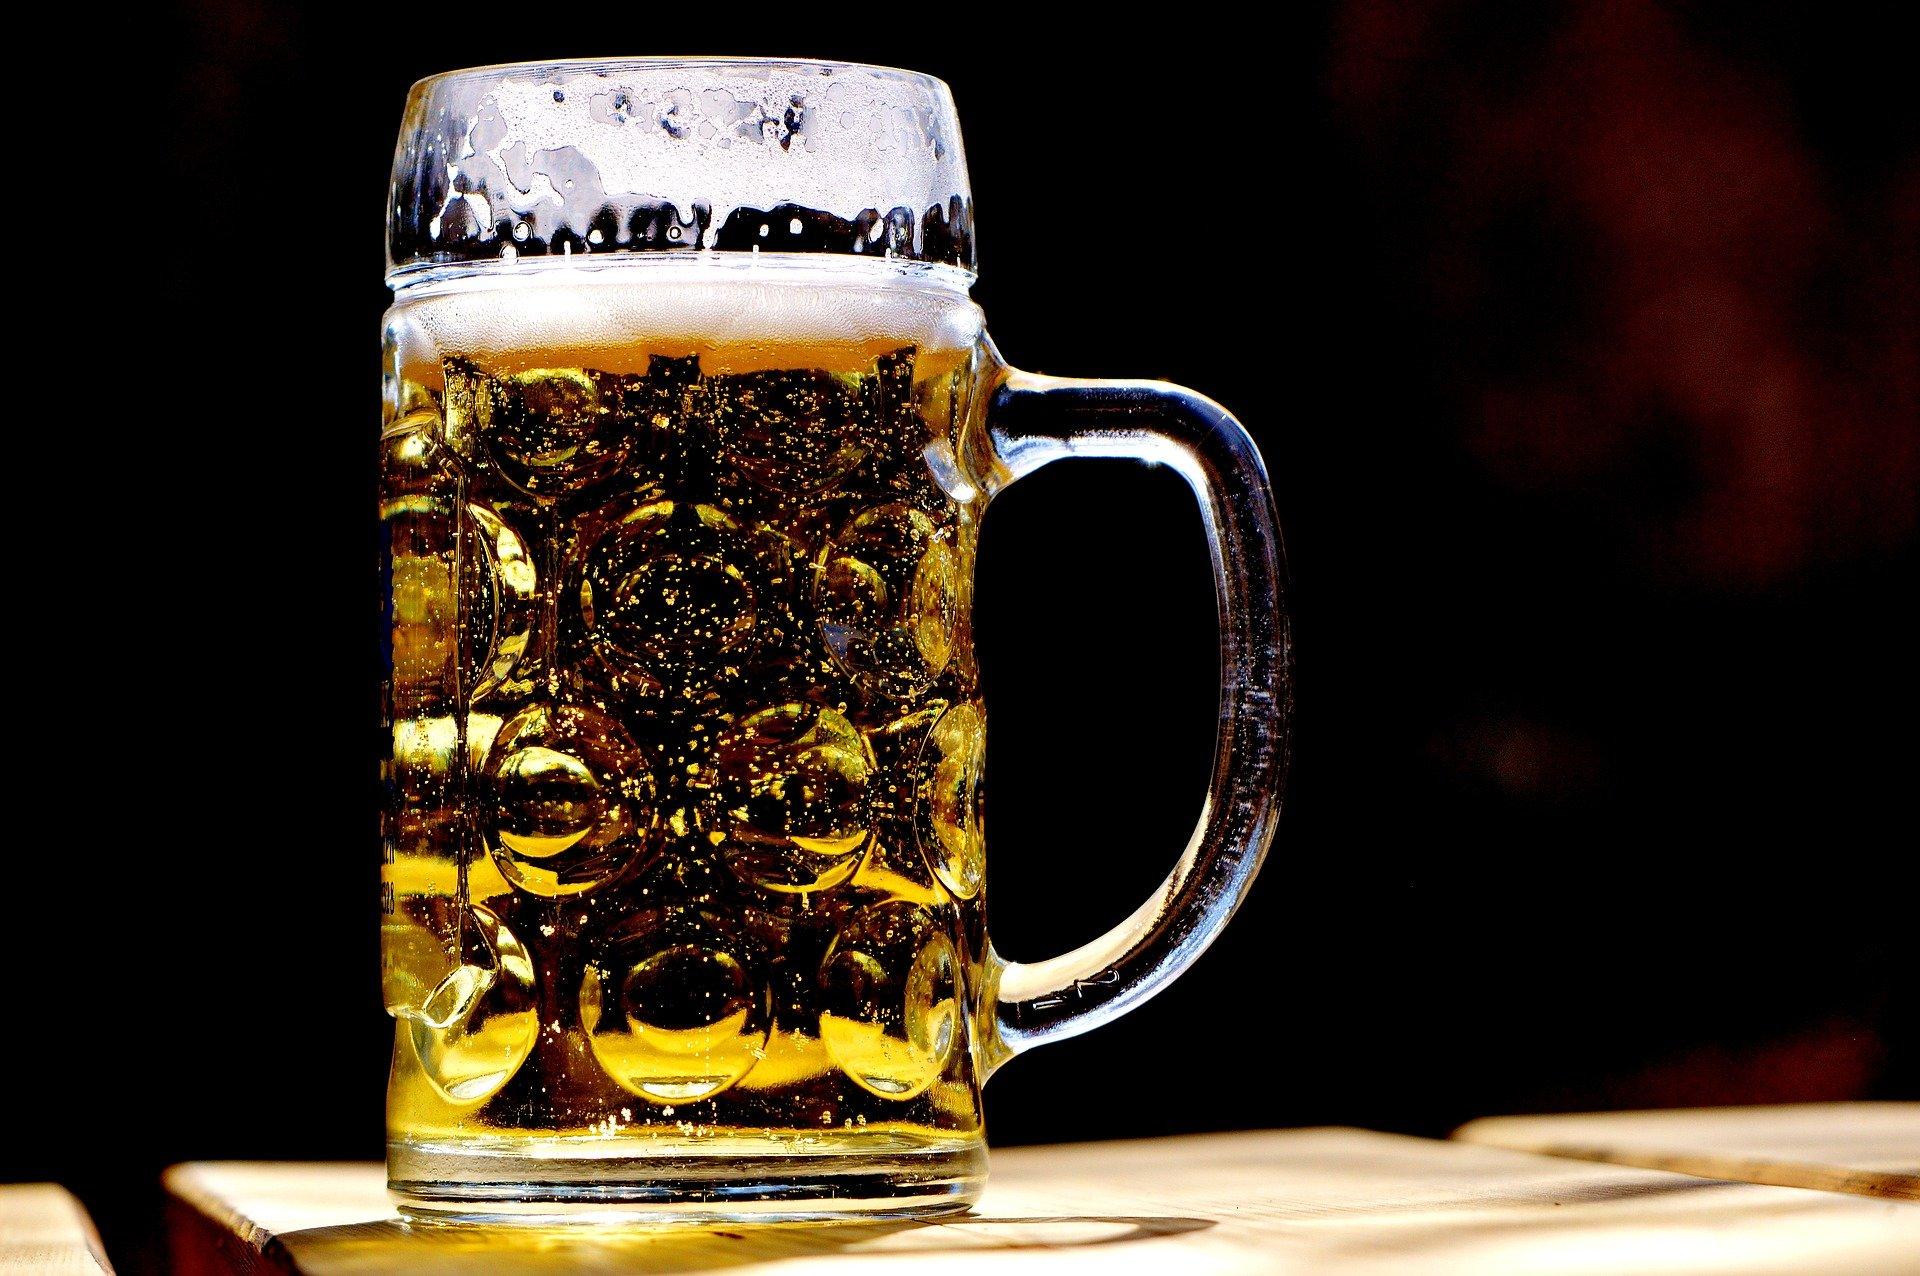 una pinta di birra, come si produce la birra, quali sono gli ingredienti, quali sono le fasi di produzione della birra